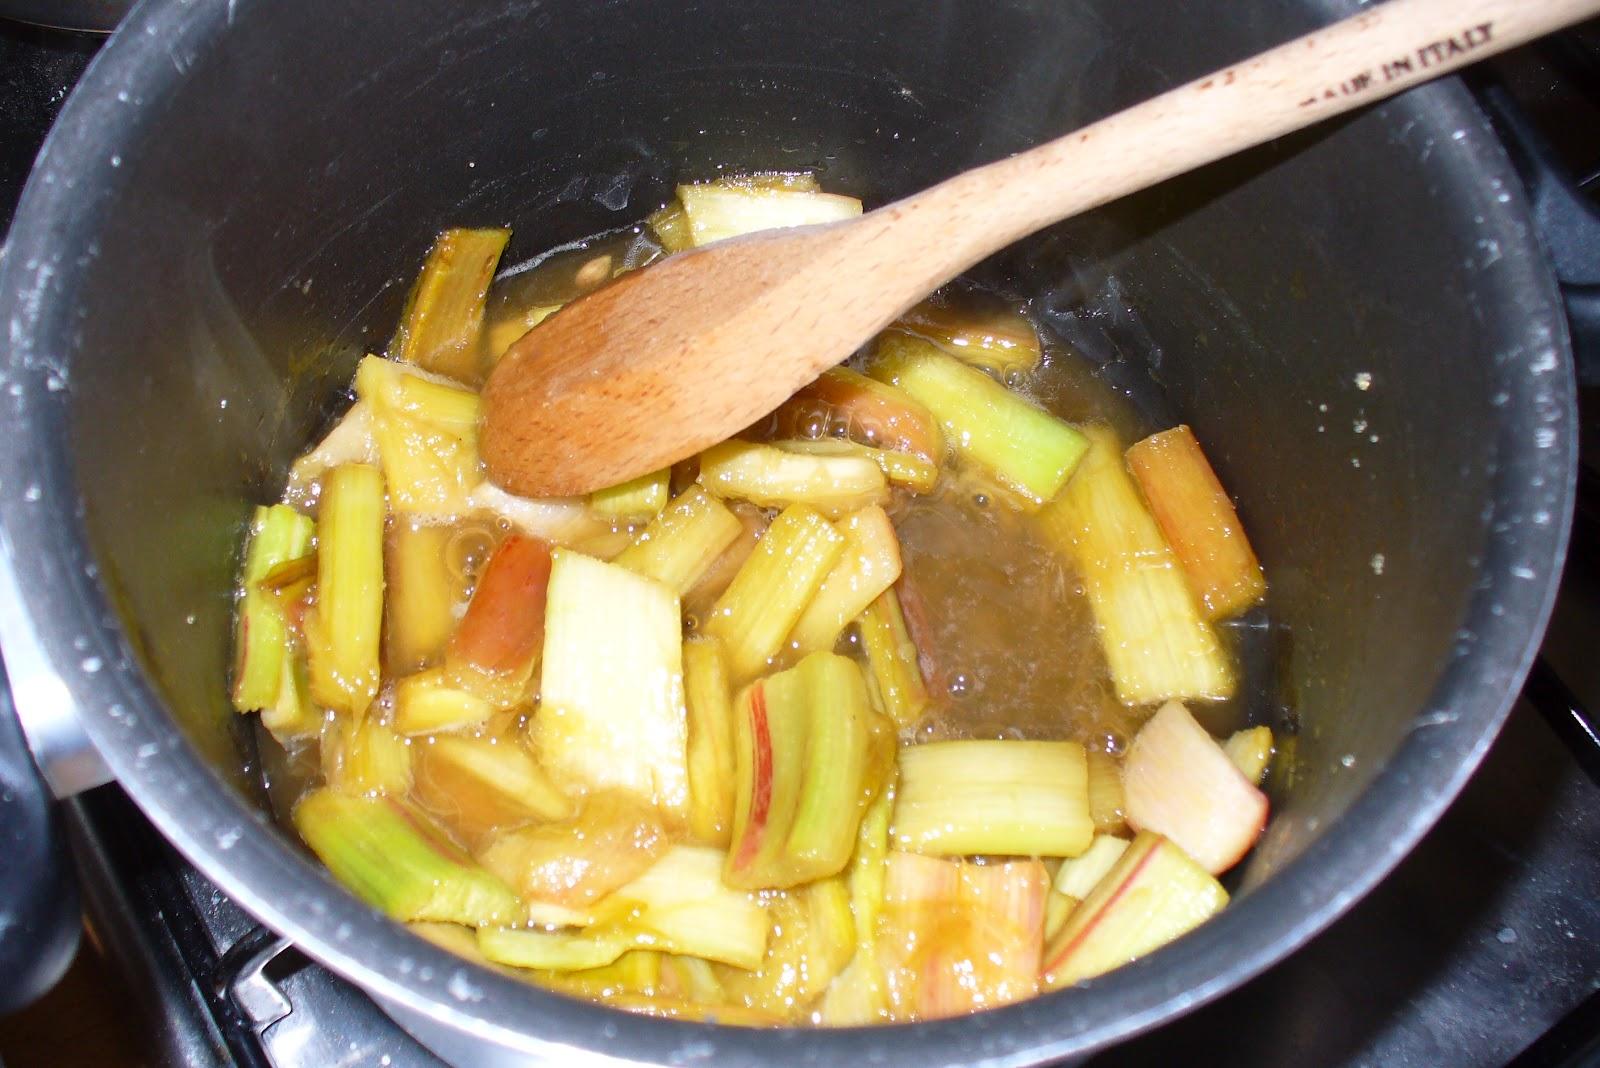 Cucinare la mia passione rabarbaro questo poco conosciuto - Cucinare spendendo poco ...